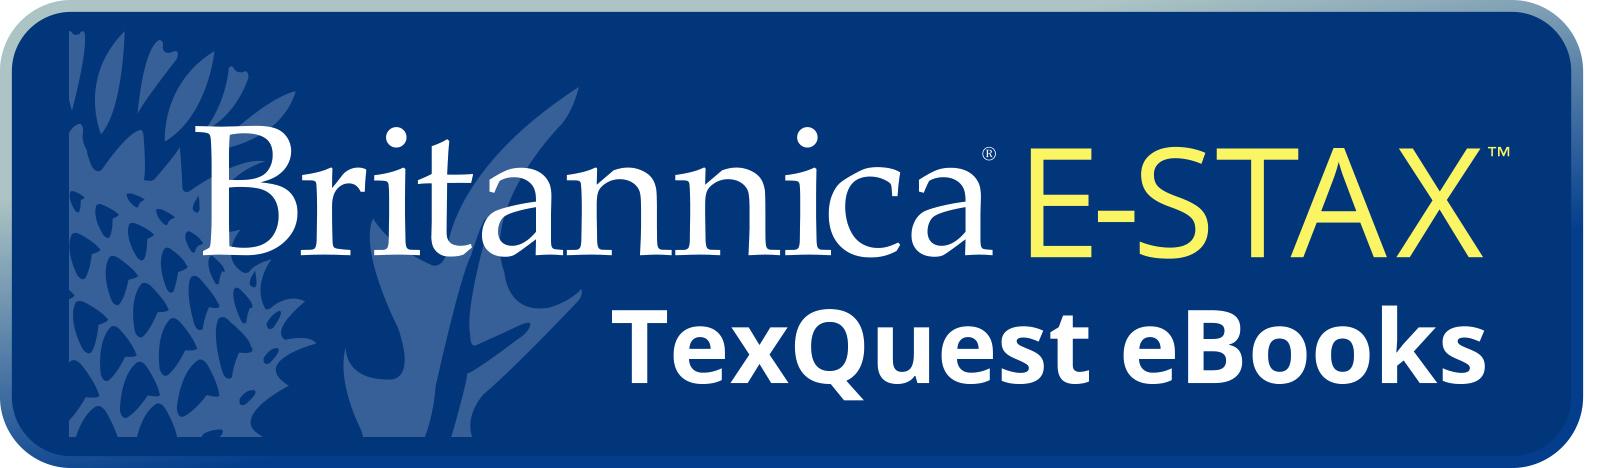 BRITANNICA E-STAX TEXQUEST EBOOKS